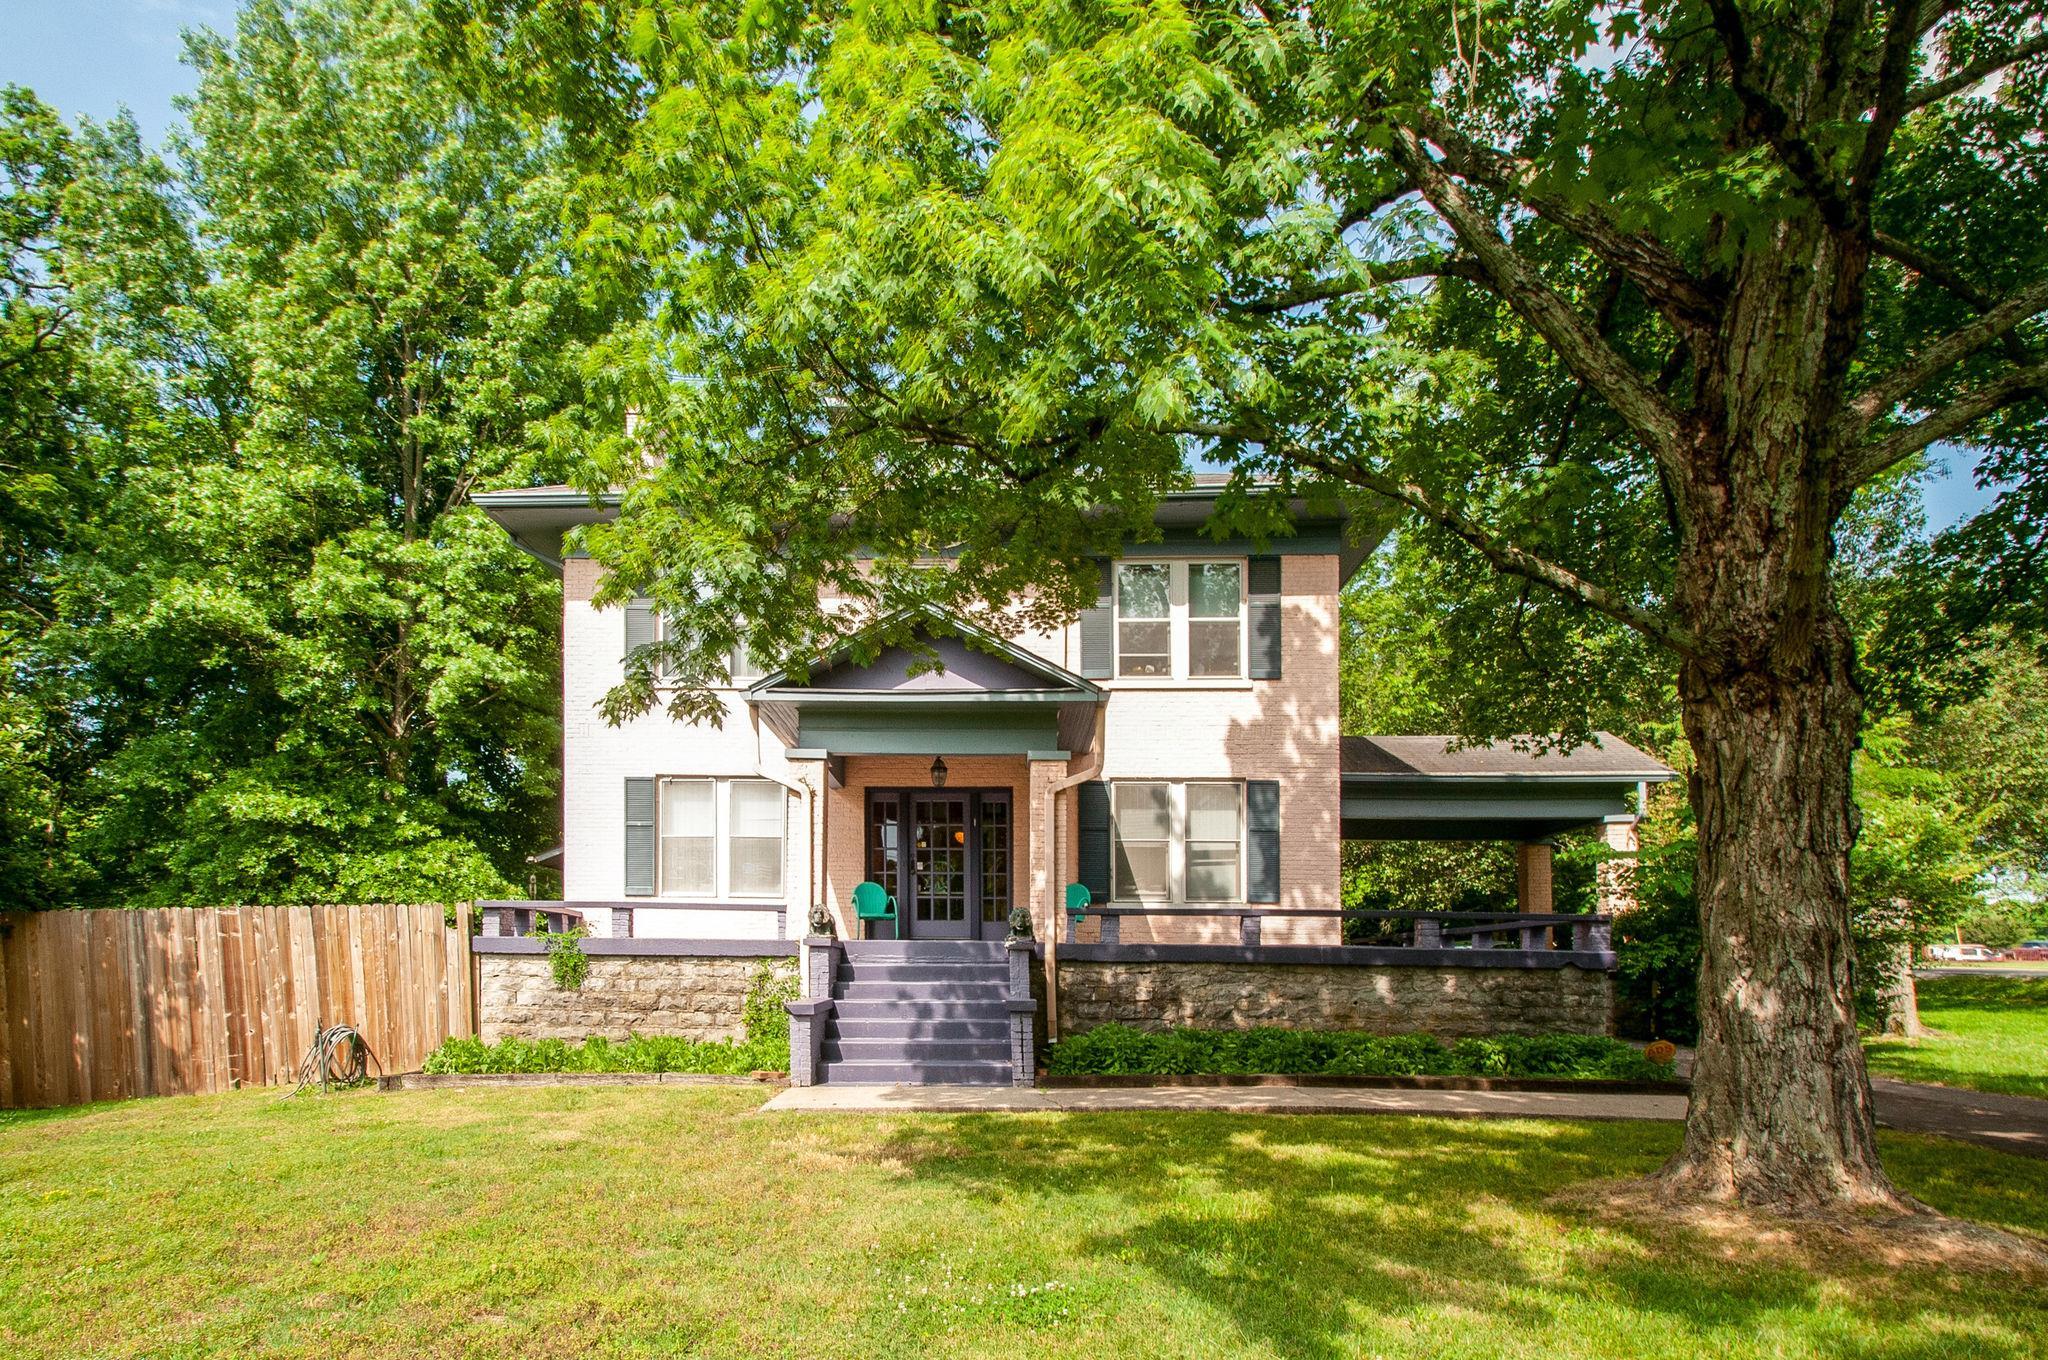 4501 Granny White Pike, Nashville, TN 37204 - Nashville, TN real estate listing